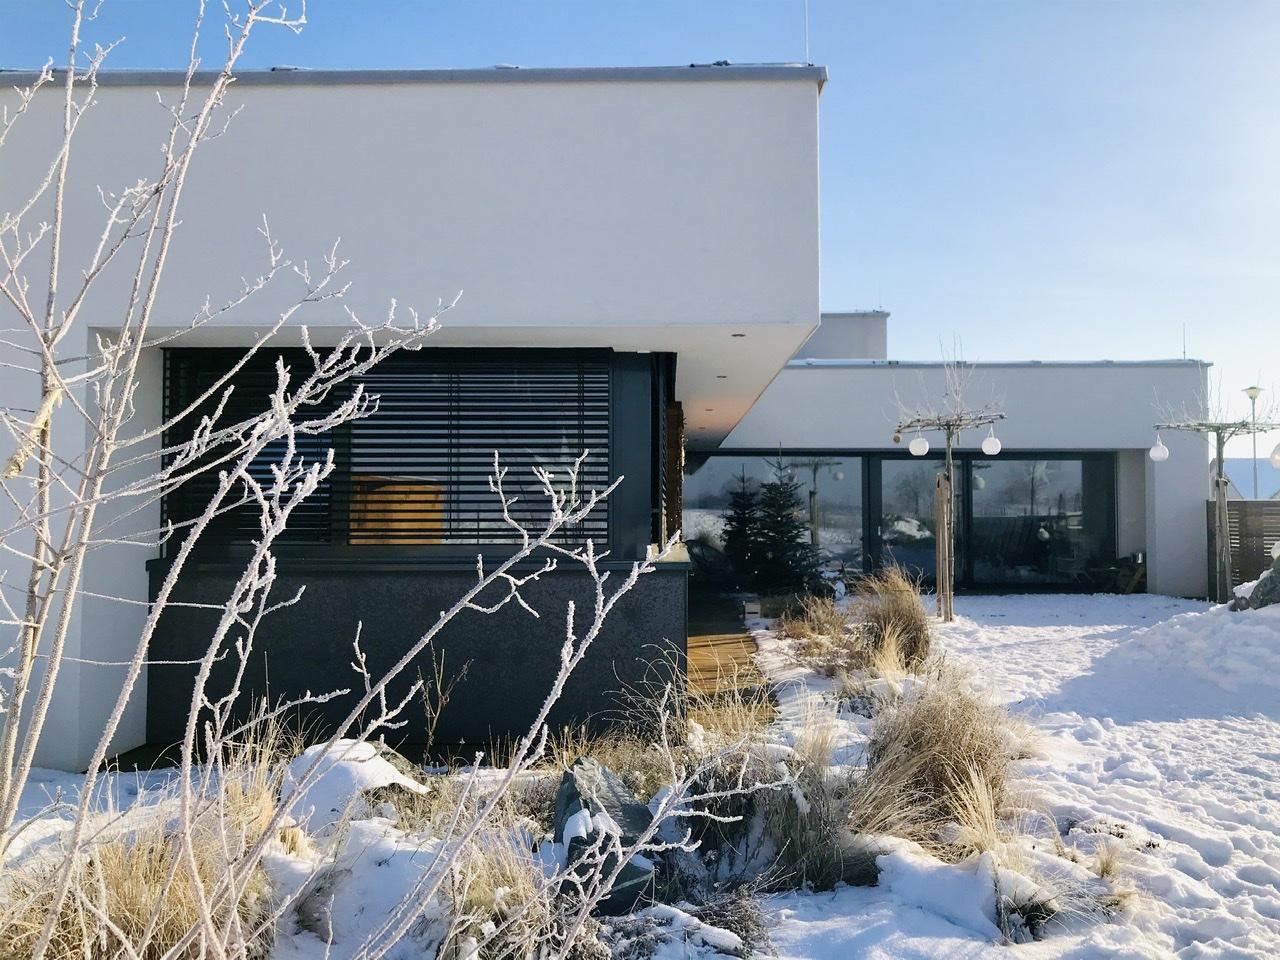 Naše L-ko - 2021 - stále dokončujeme - Námraza na muchovníku - domček v zime a posledný zasnežený deň